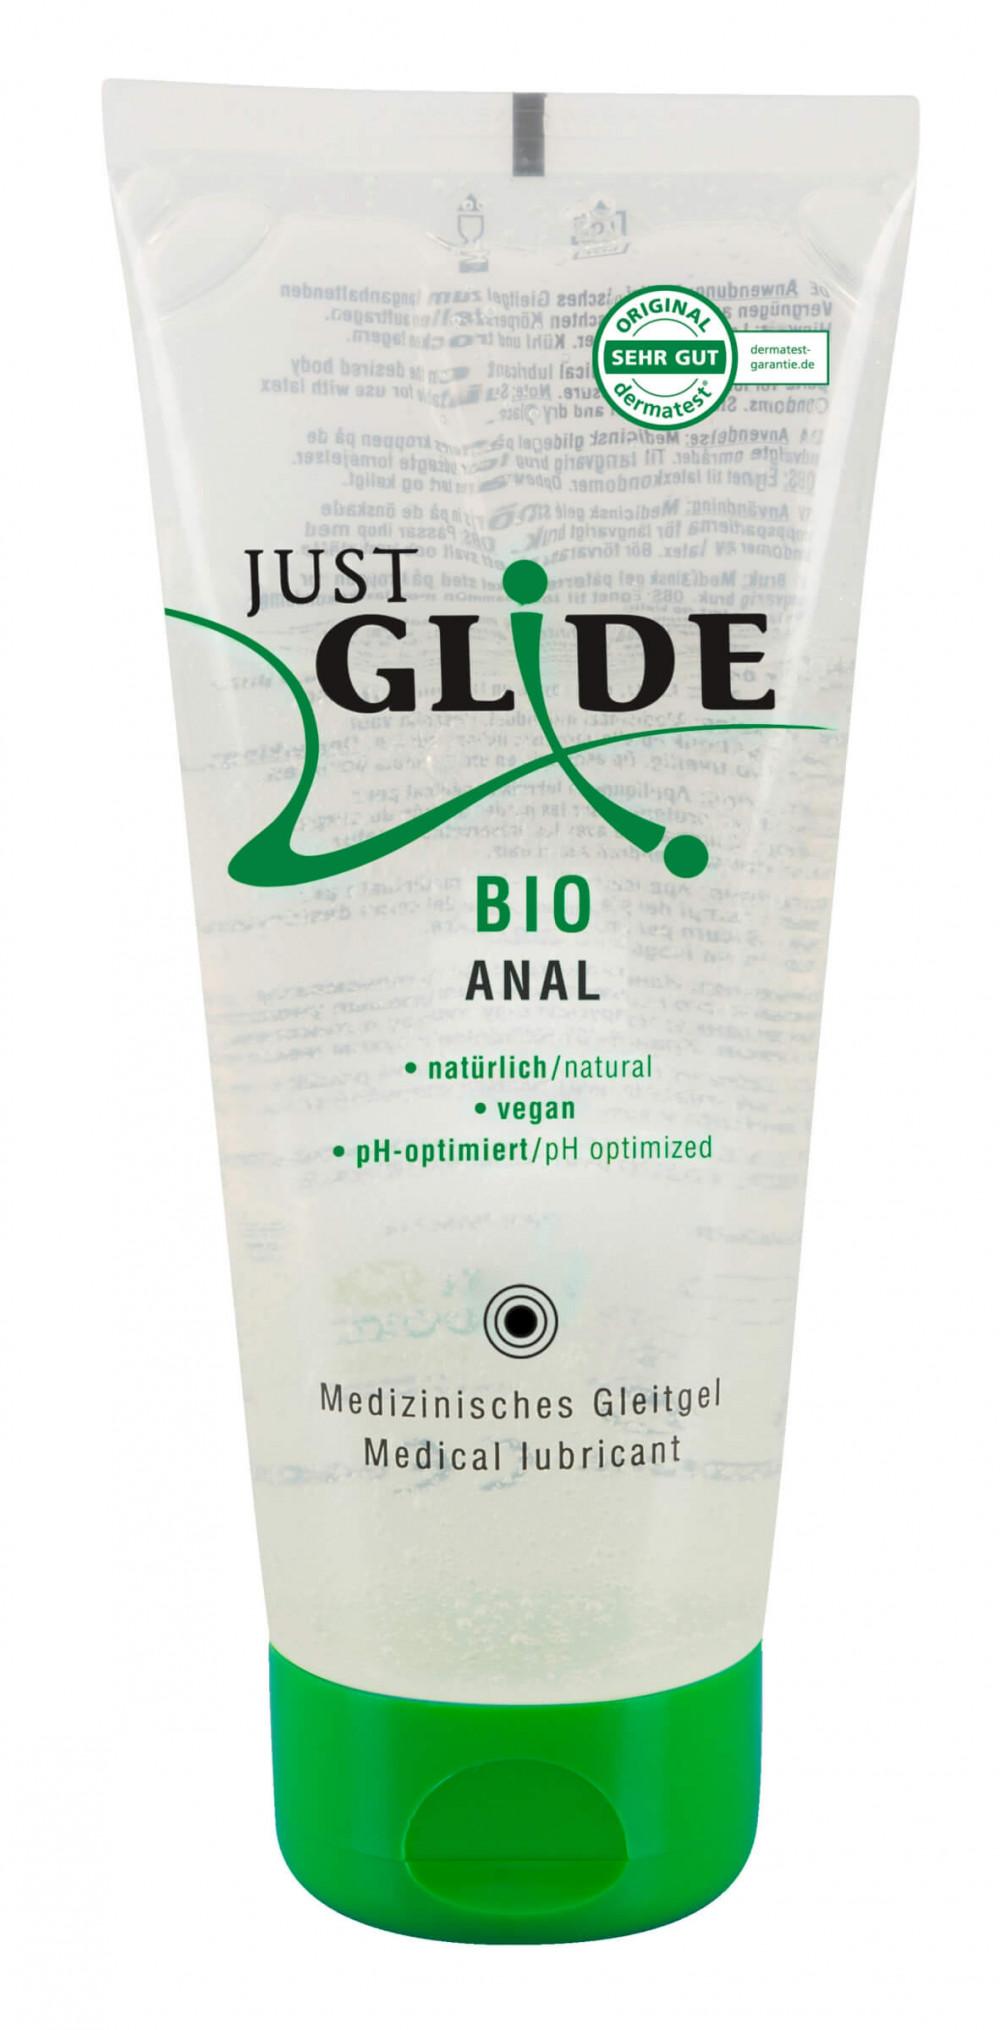 Just Glide Bio ANAL - vegánsky lubrikant na báze vody (200ml)